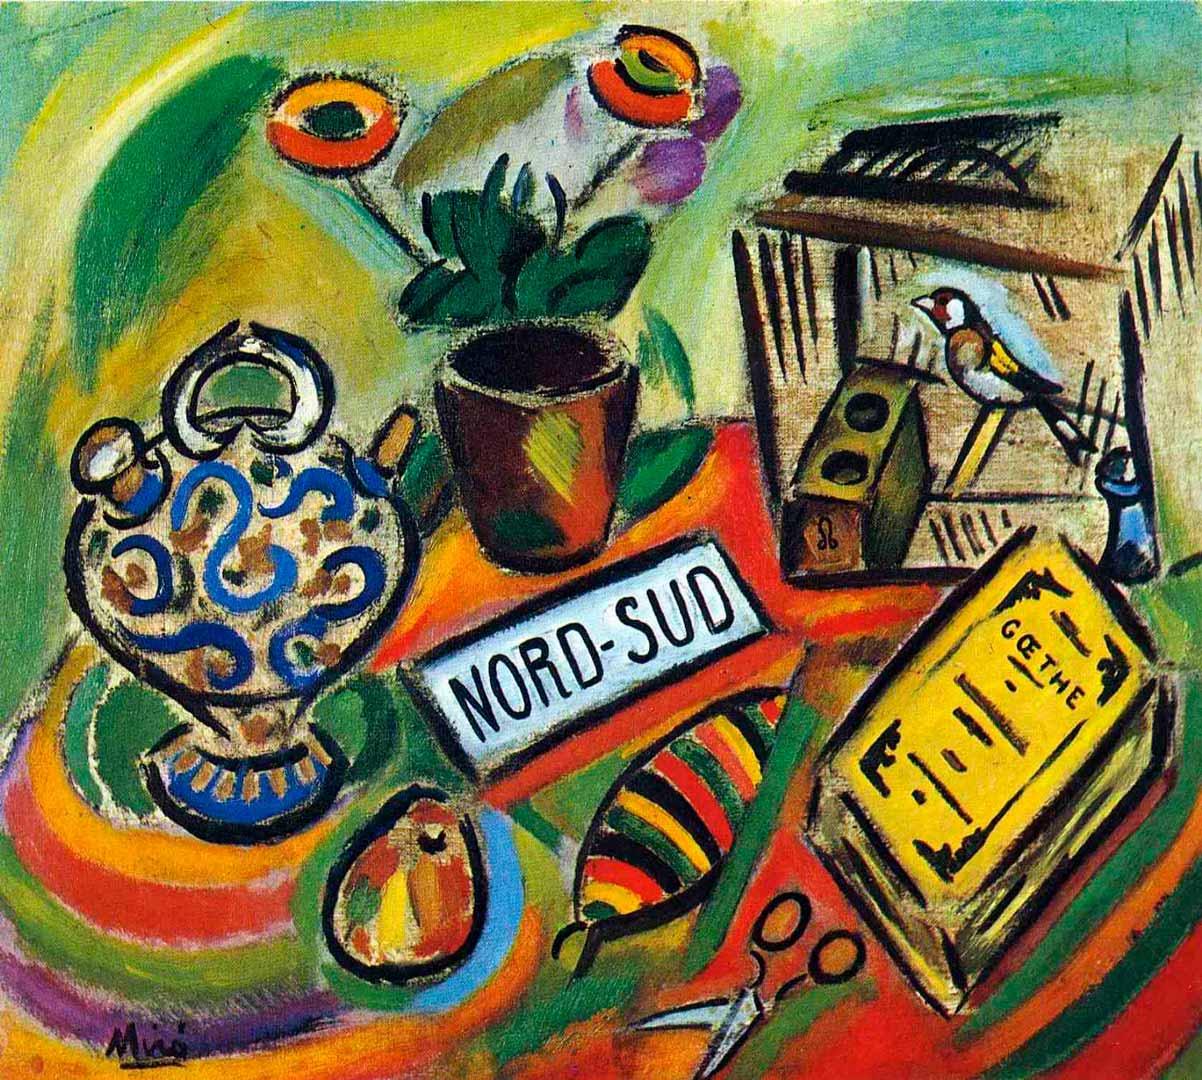 Nord-Sud - Cuadro Fauvista pintado por Joan Miró en 1917 - Óleo sobre Lienzo 62 x 70 cm